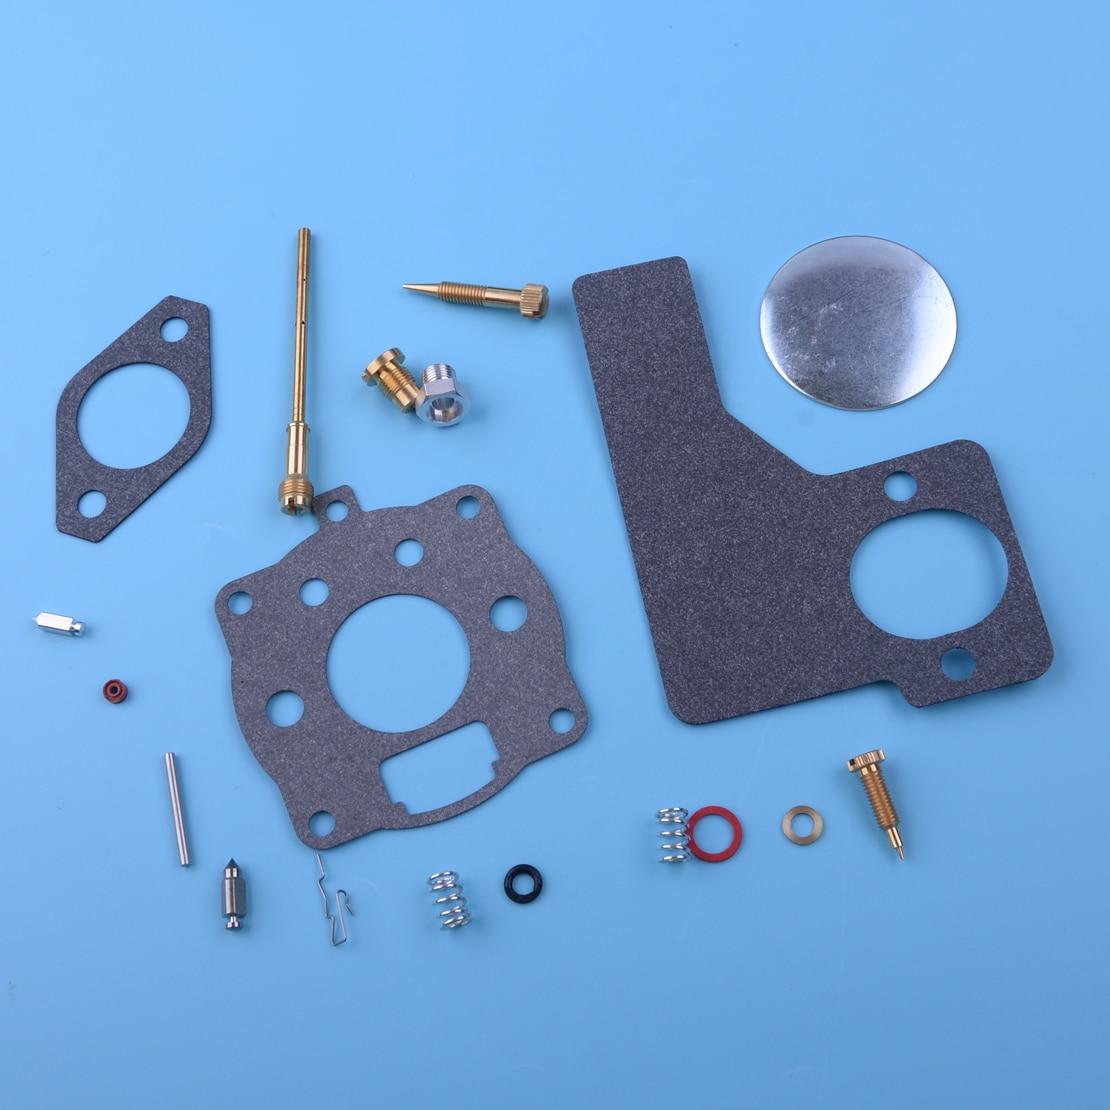 LETAOSK Carburetor Repair Kit Fit For Briggs Stratton 394989 10HP 11HP 16HP Engine